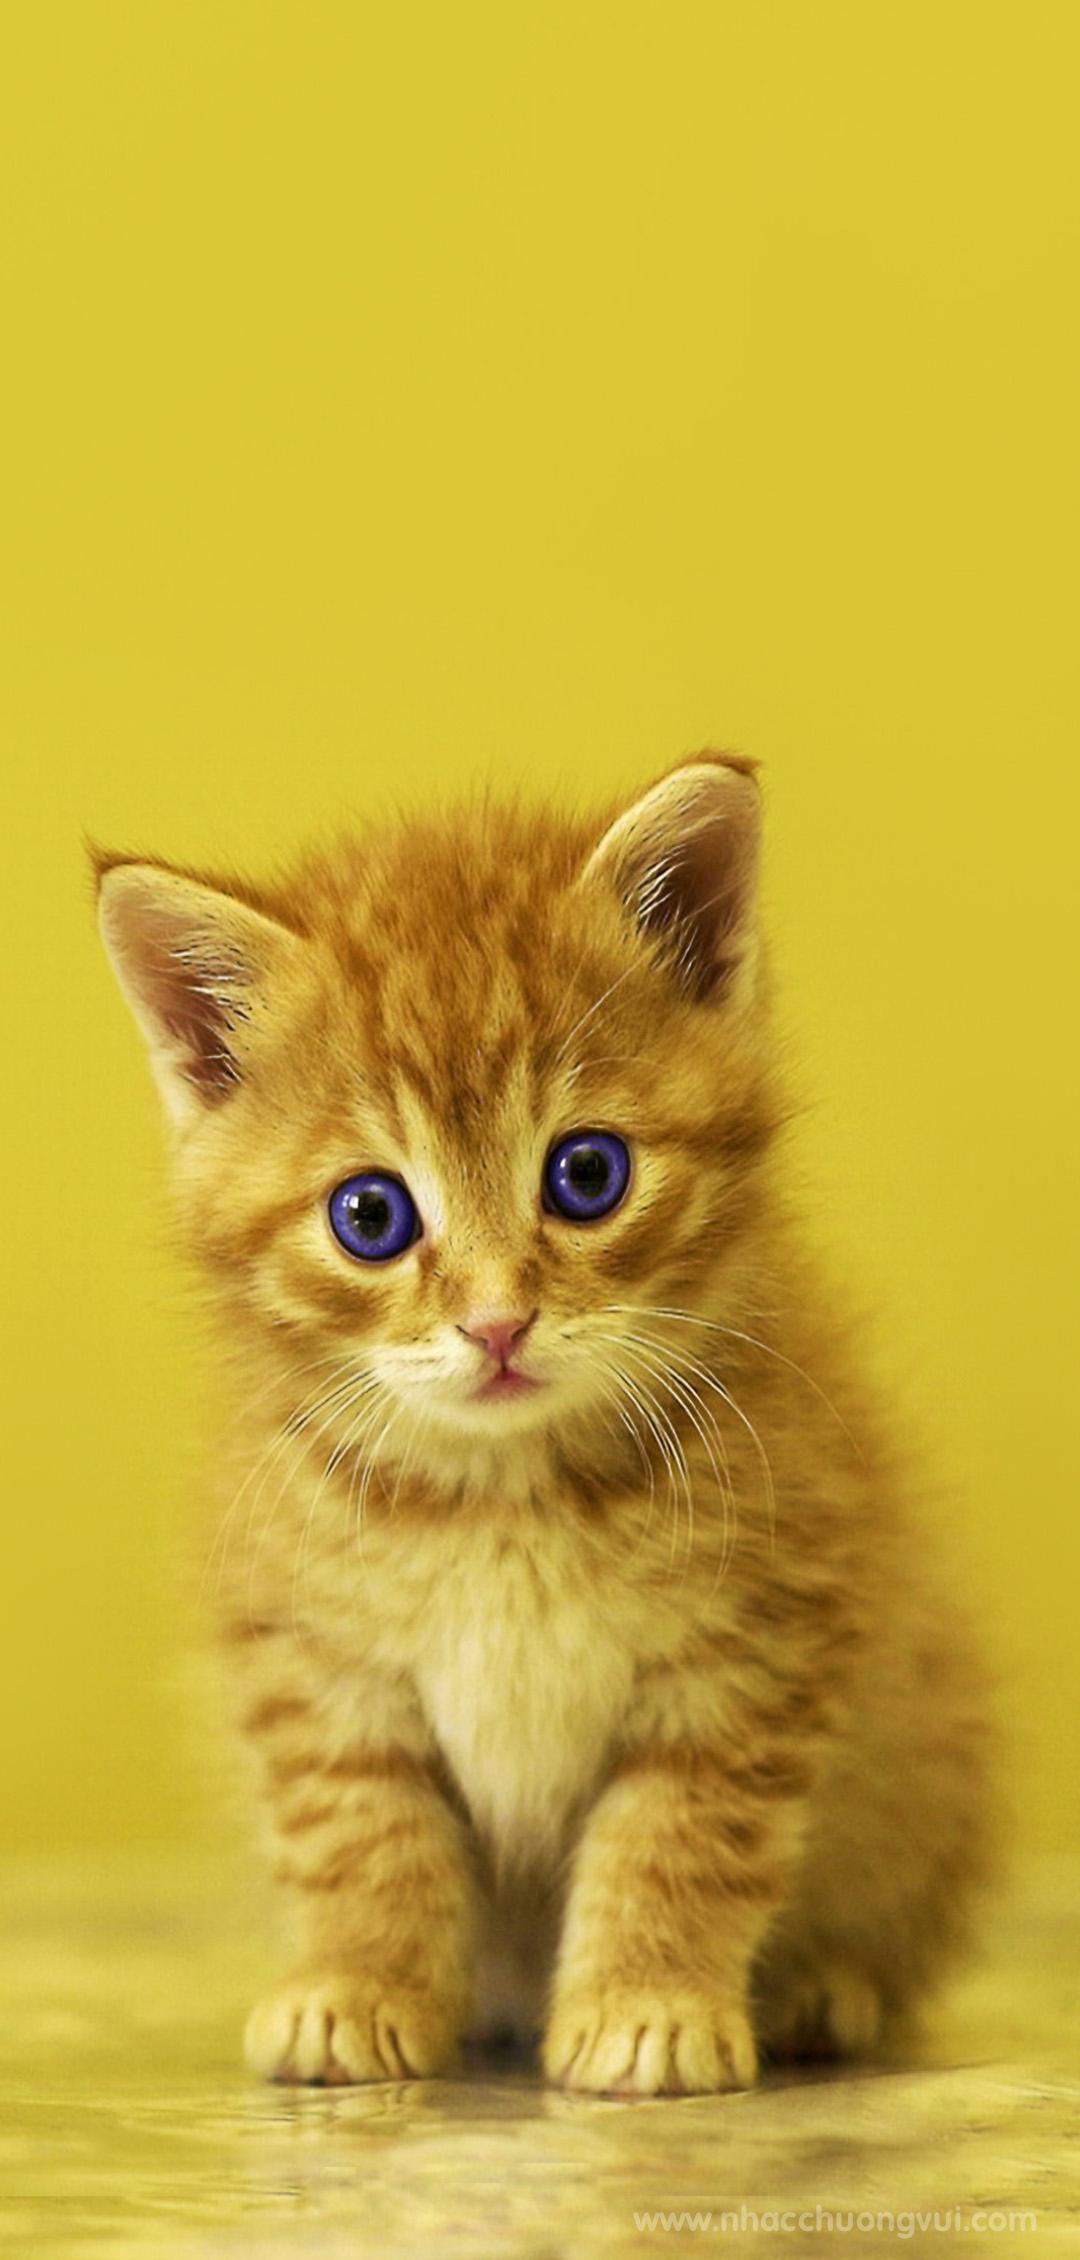 Hình nền mèo cho điện thoại dễ thương nhất 1